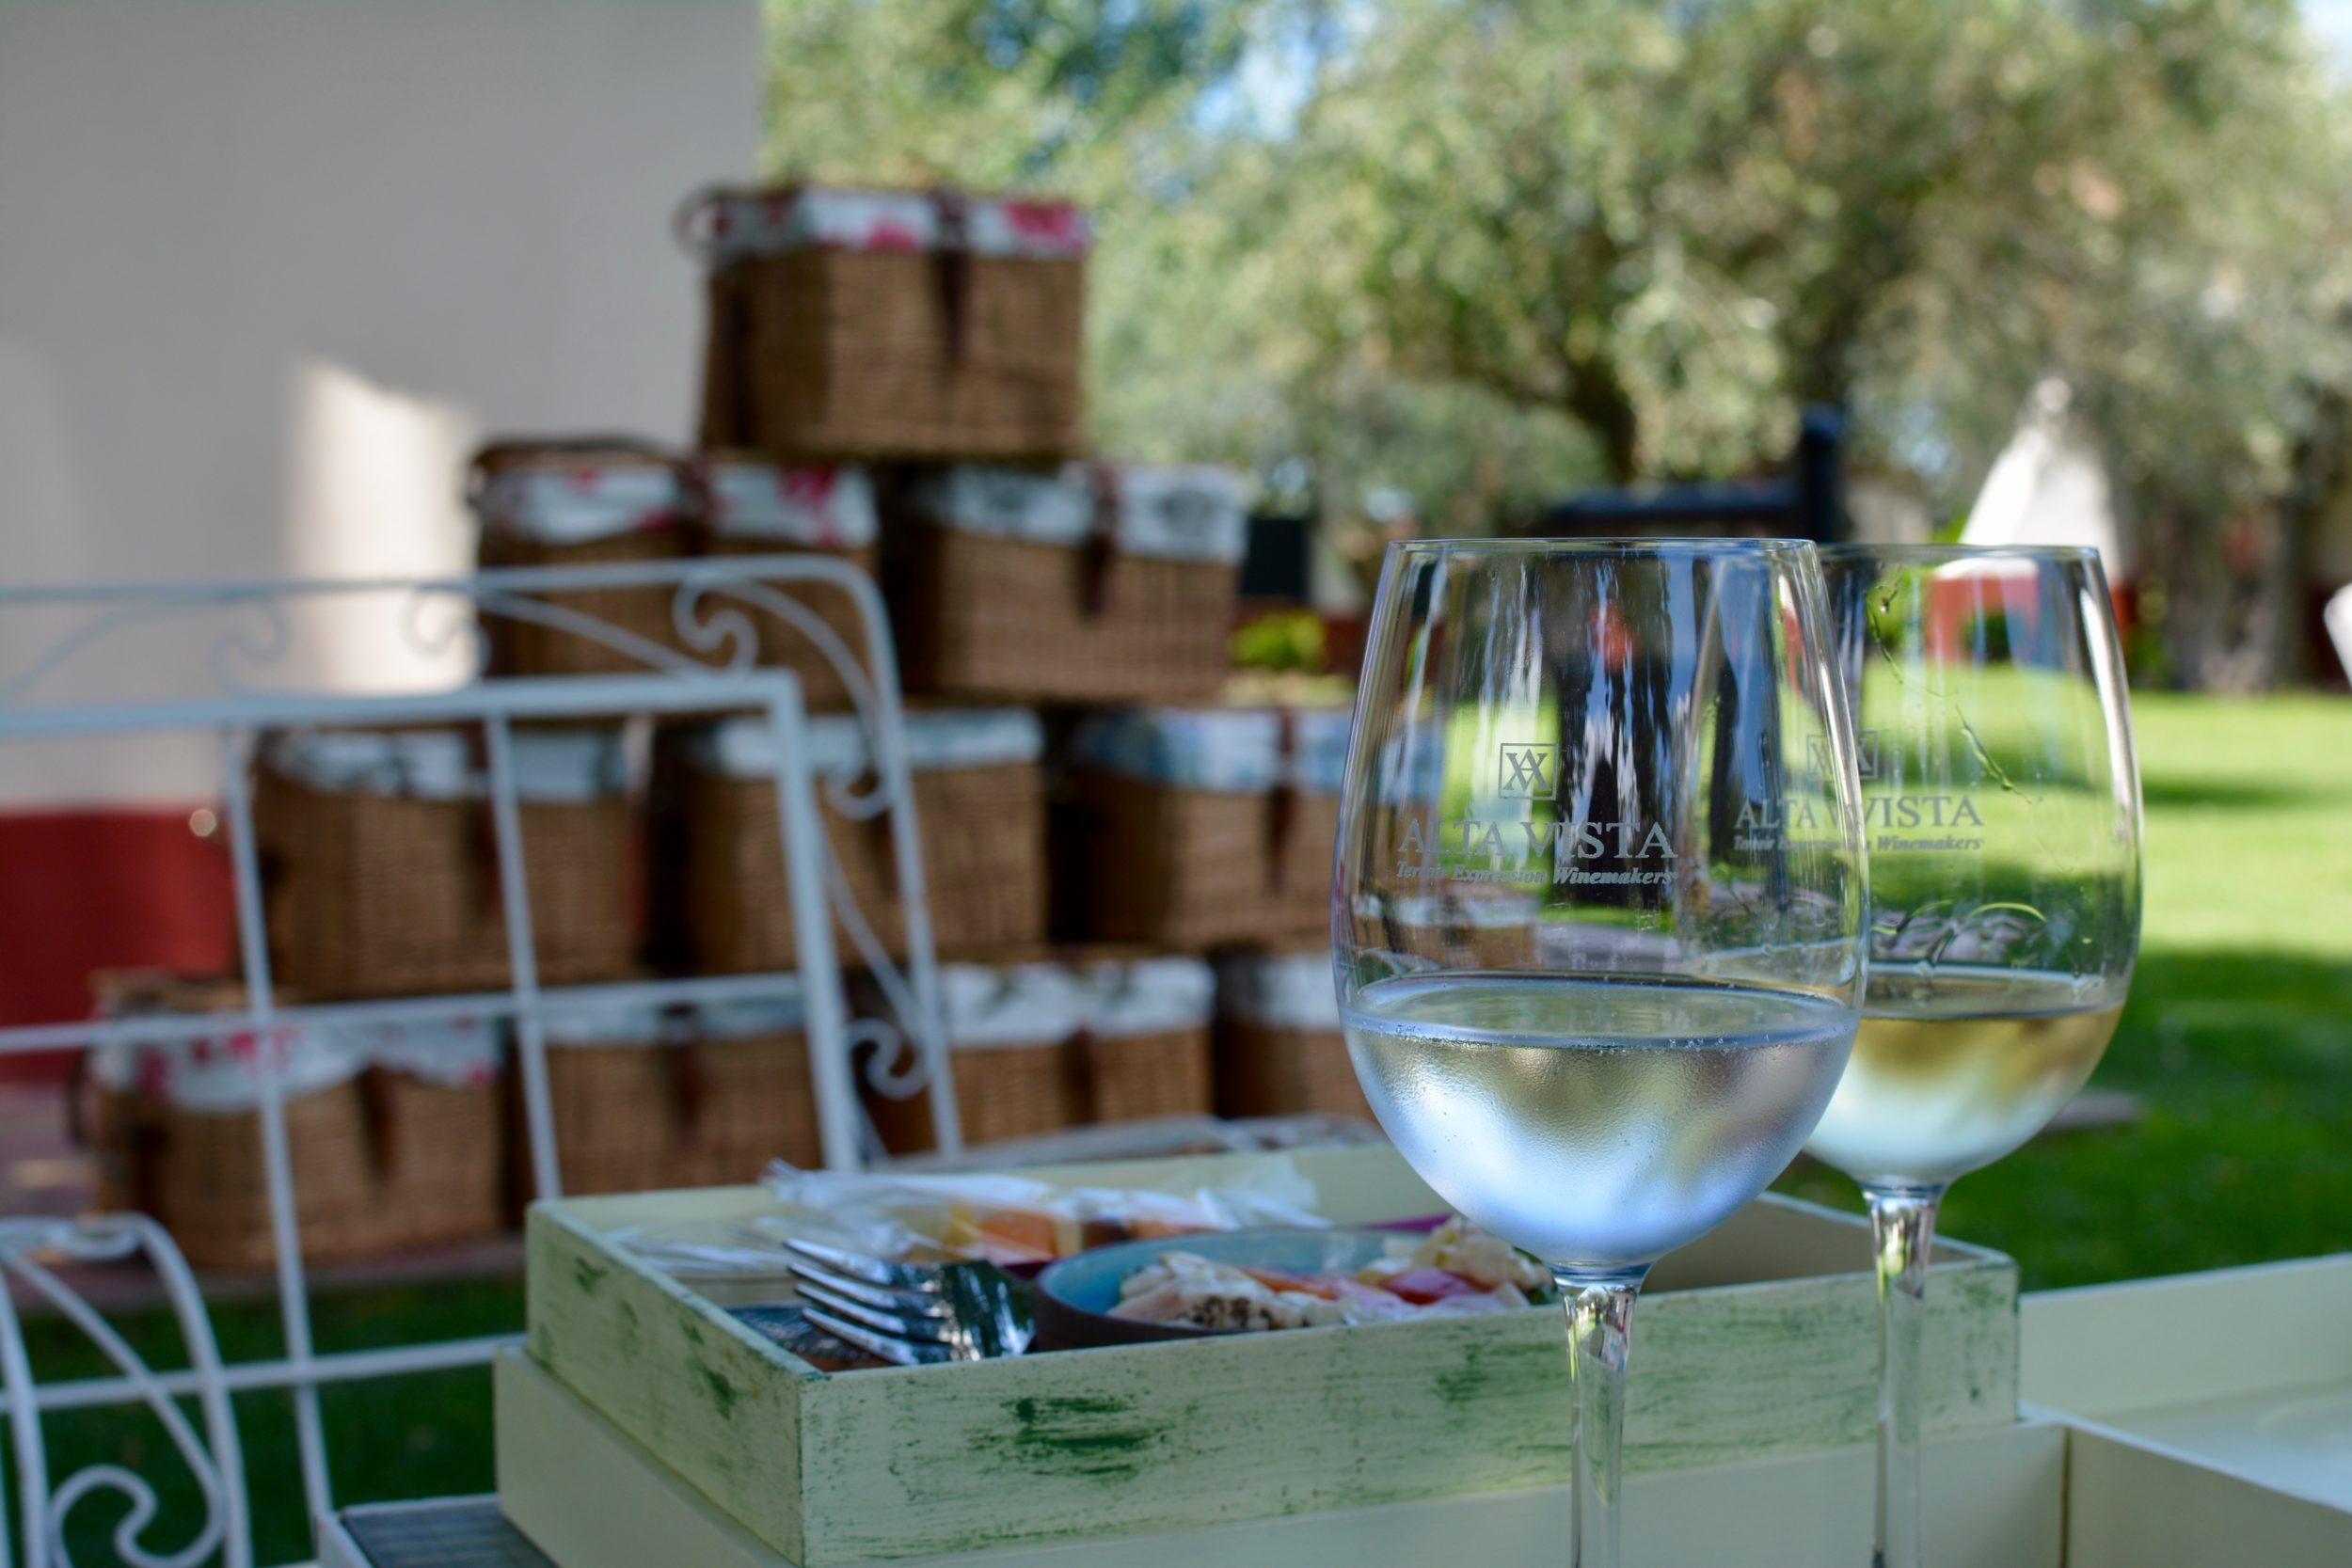 Alta vista wines, Lujan de cujo, Mendoza